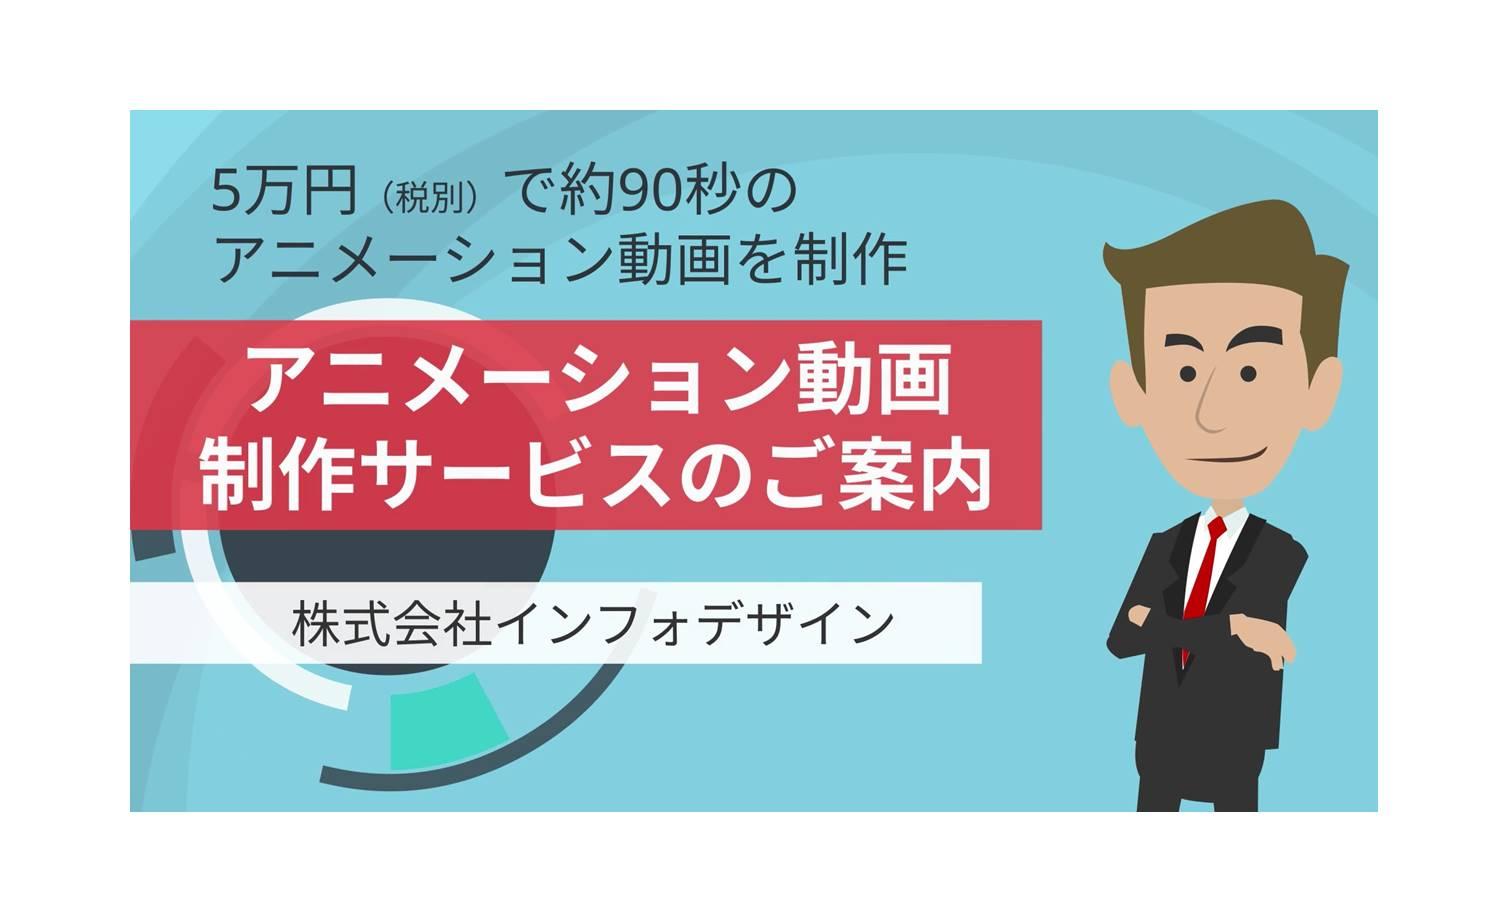 アニメーション動画制作サービスを開始(5万円で約90秒の動画を制作)